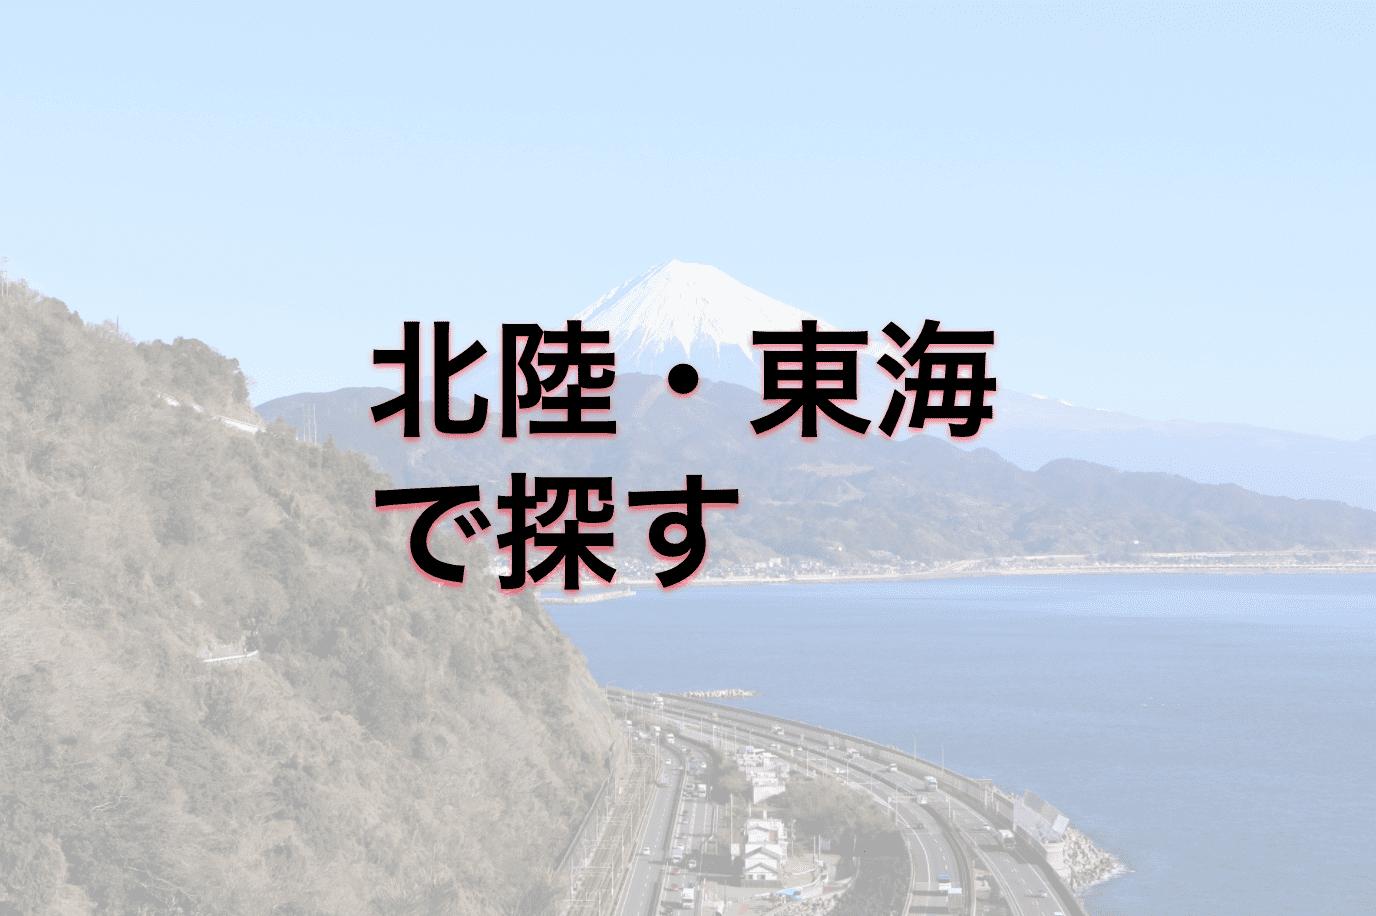 合宿免許 東海